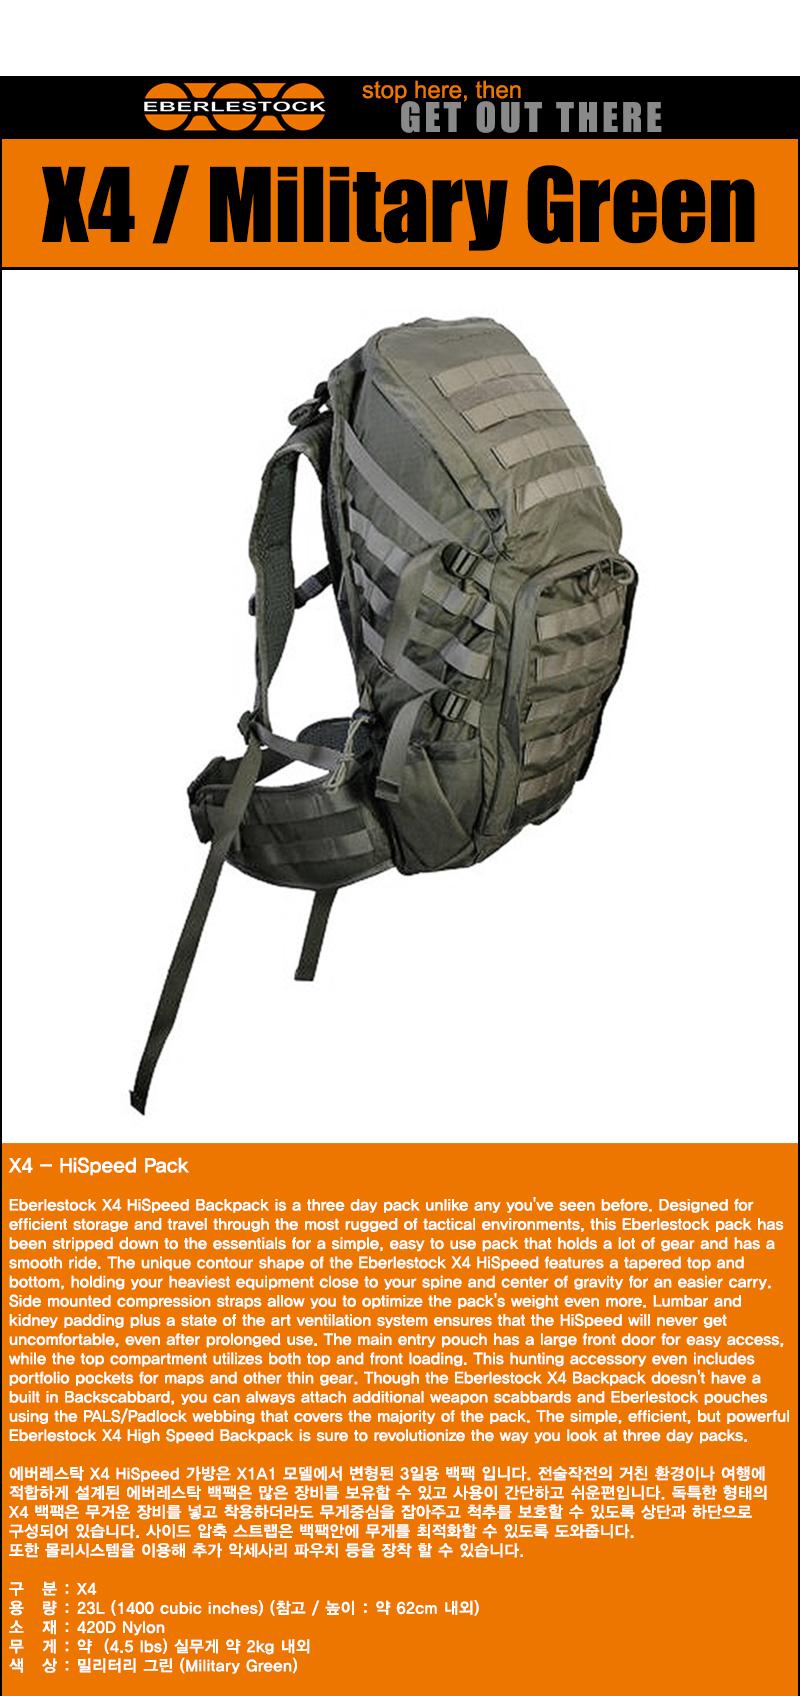 에버라스탁(EBERLESTOCK) [Eberlestock] X4 HiSpeed Pack Pack Military Green - 에버레스탁 X4 하이스피드 팩 (밀리터리 그린)